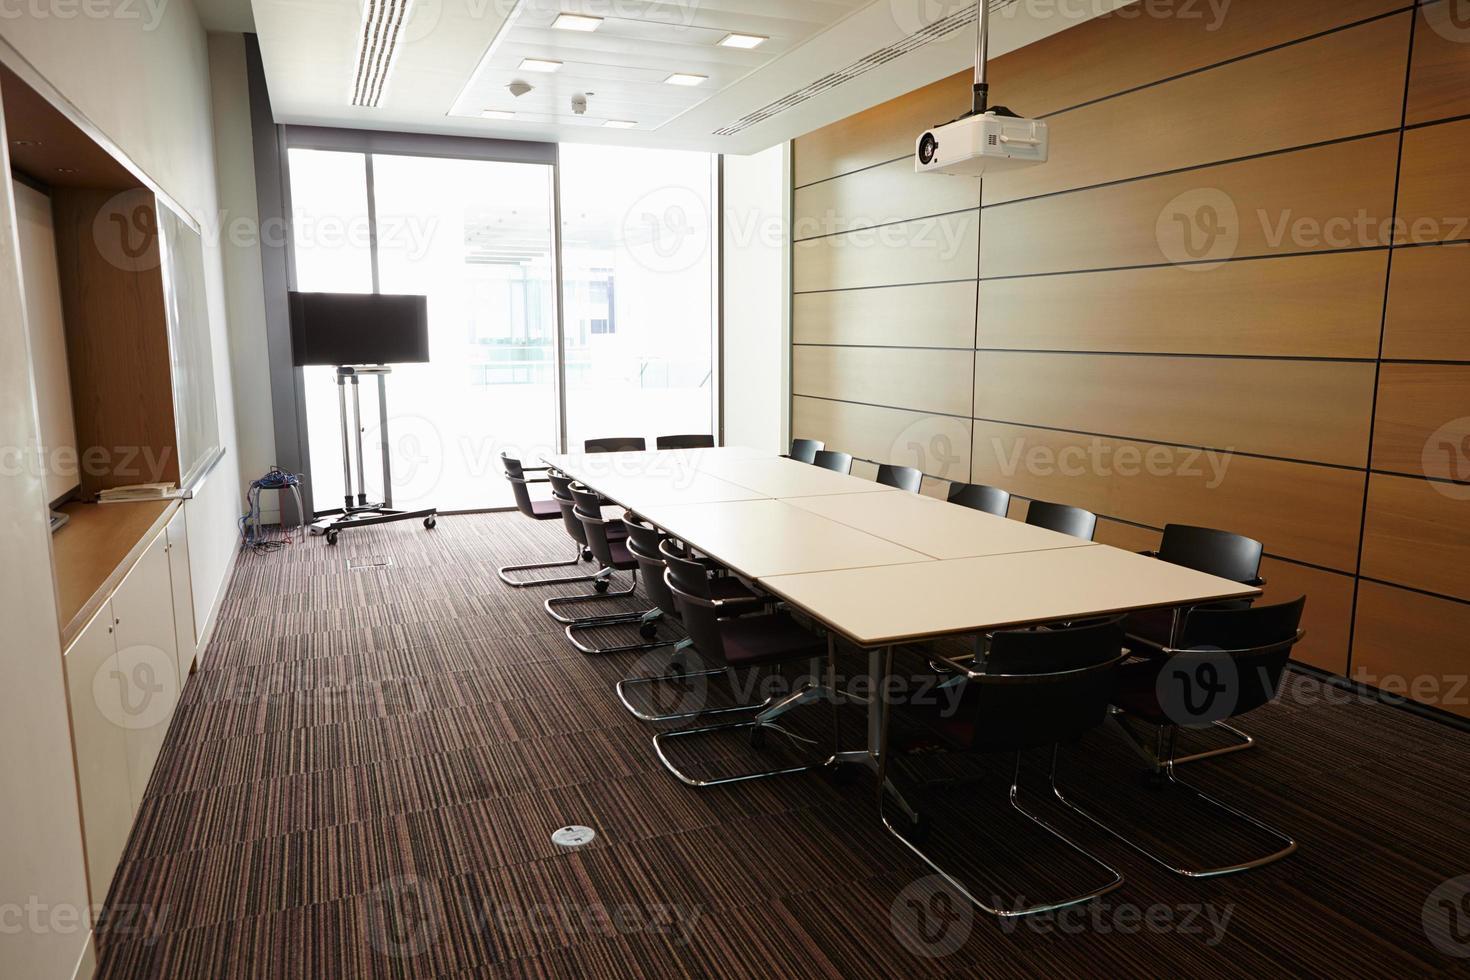 sala de reuniões de negócios sem pessoas foto